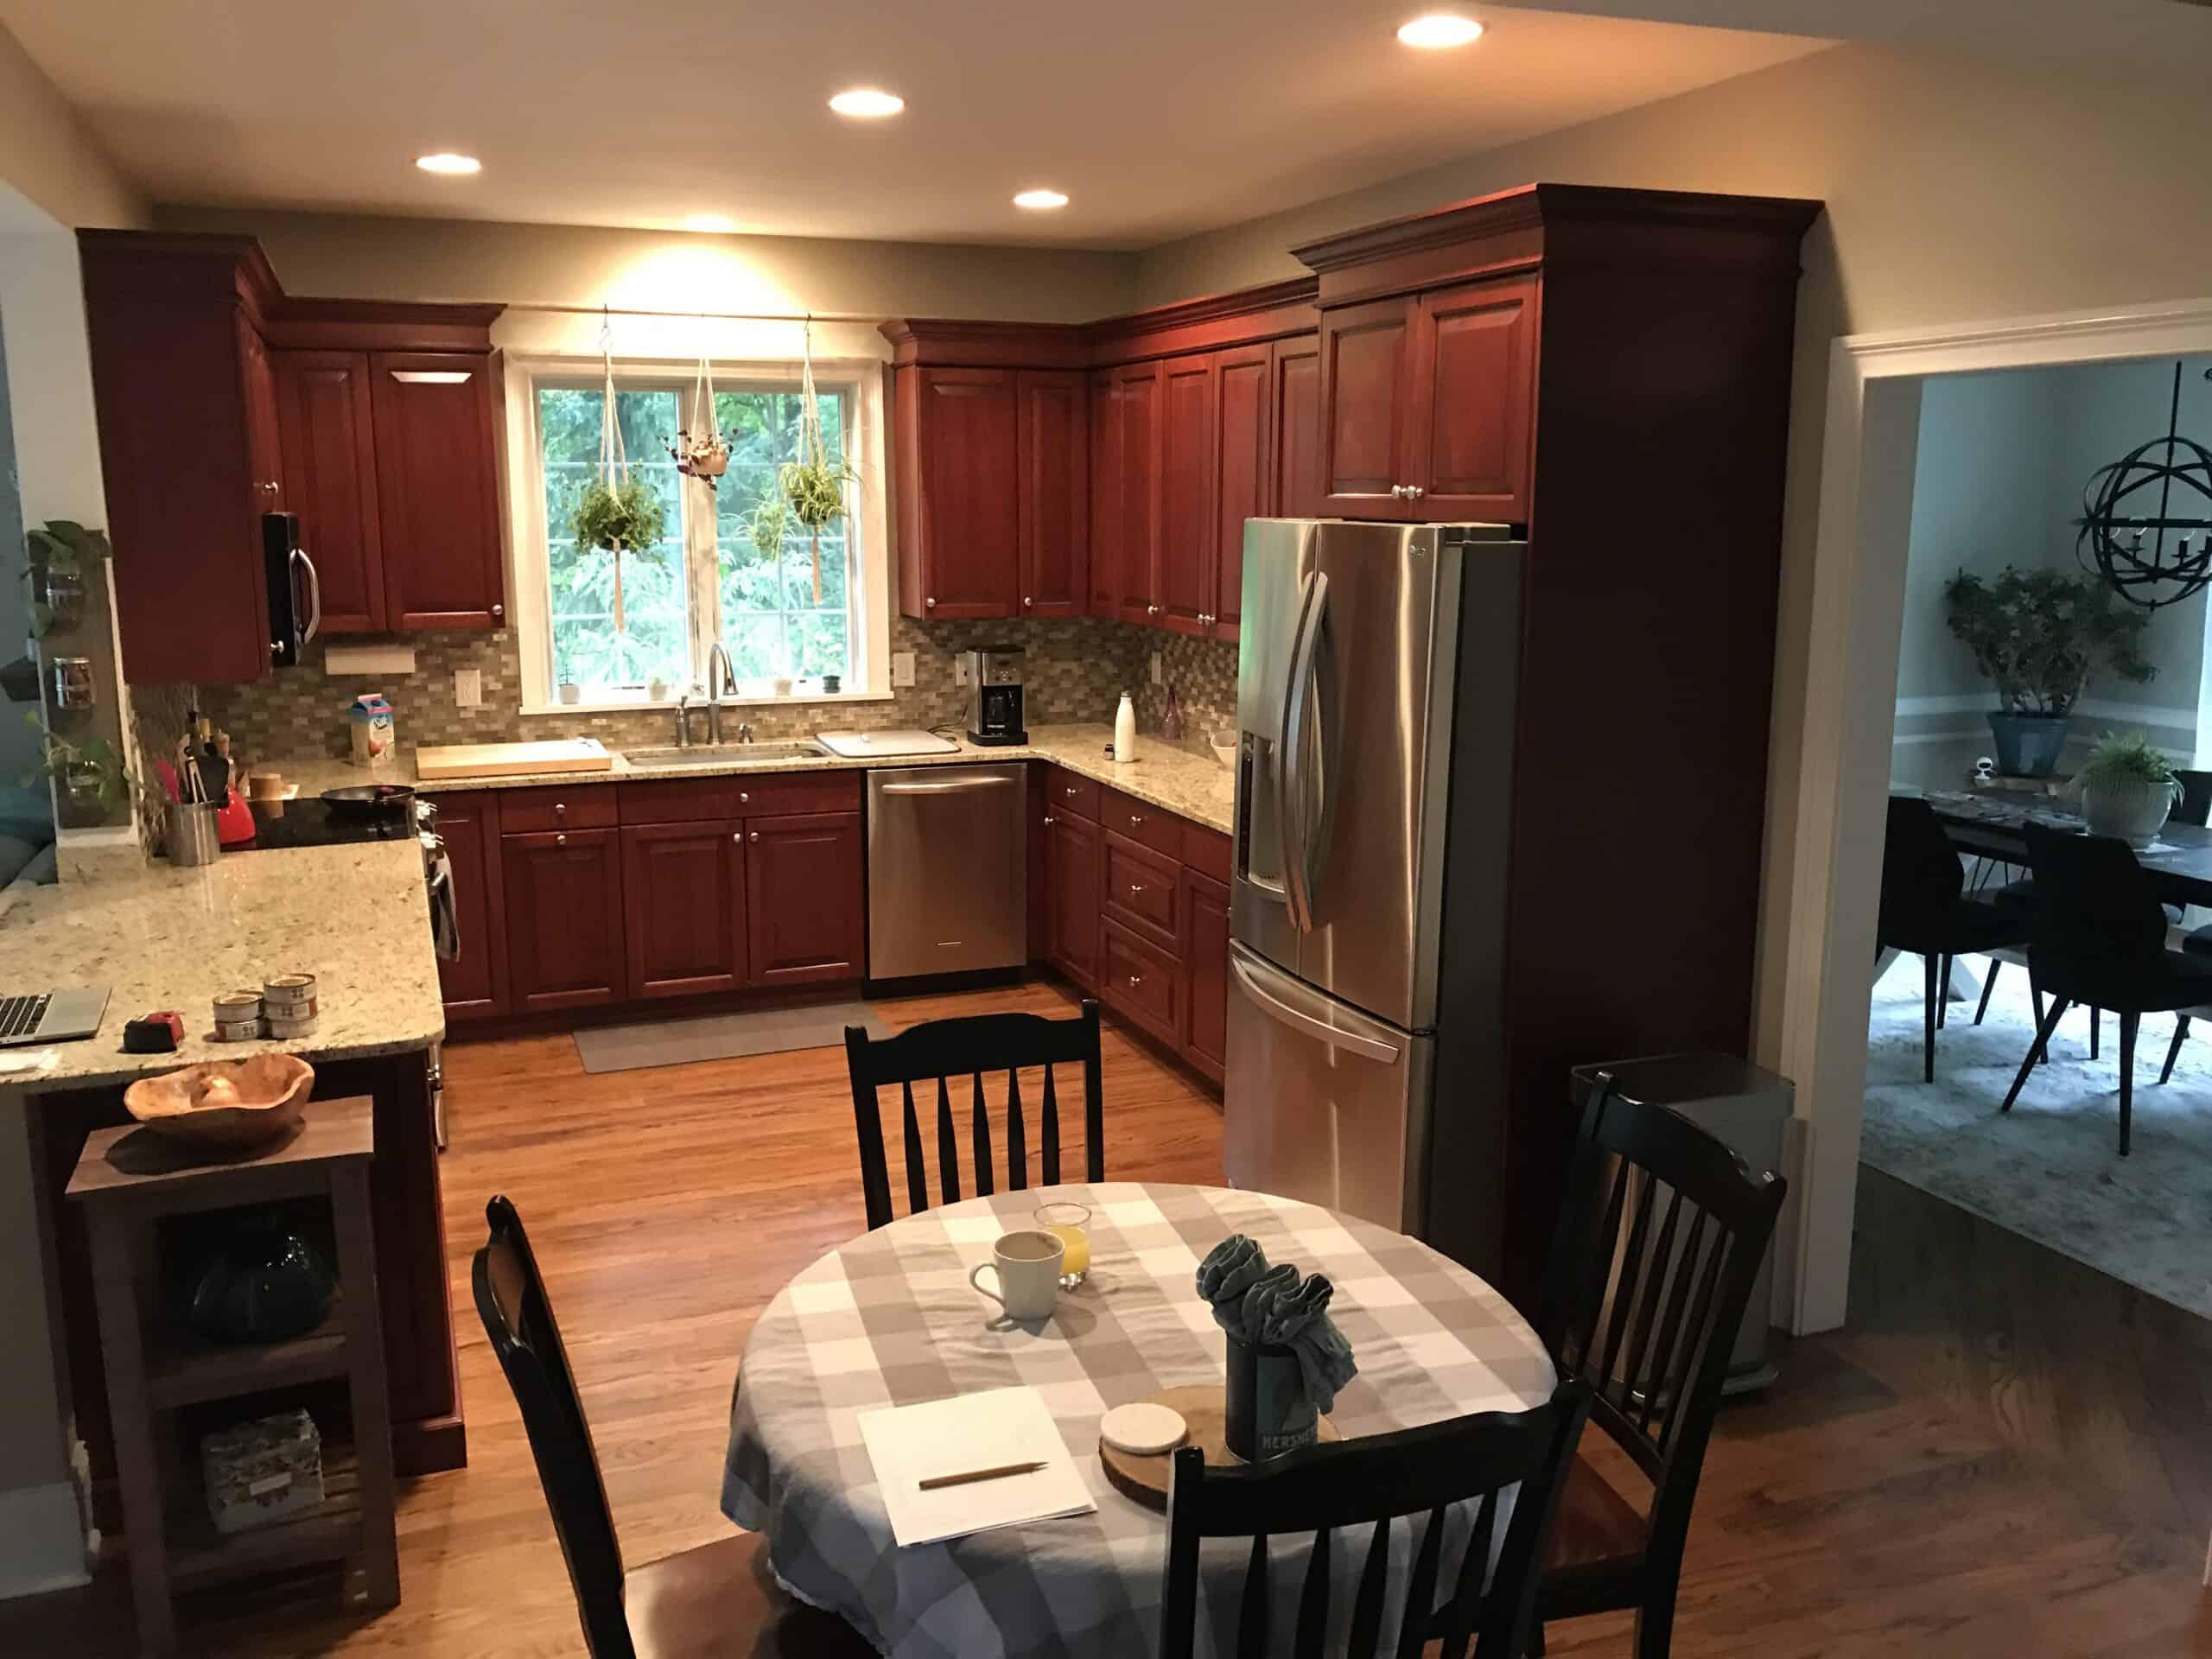 dark cherry cabinet kitchen before remodel